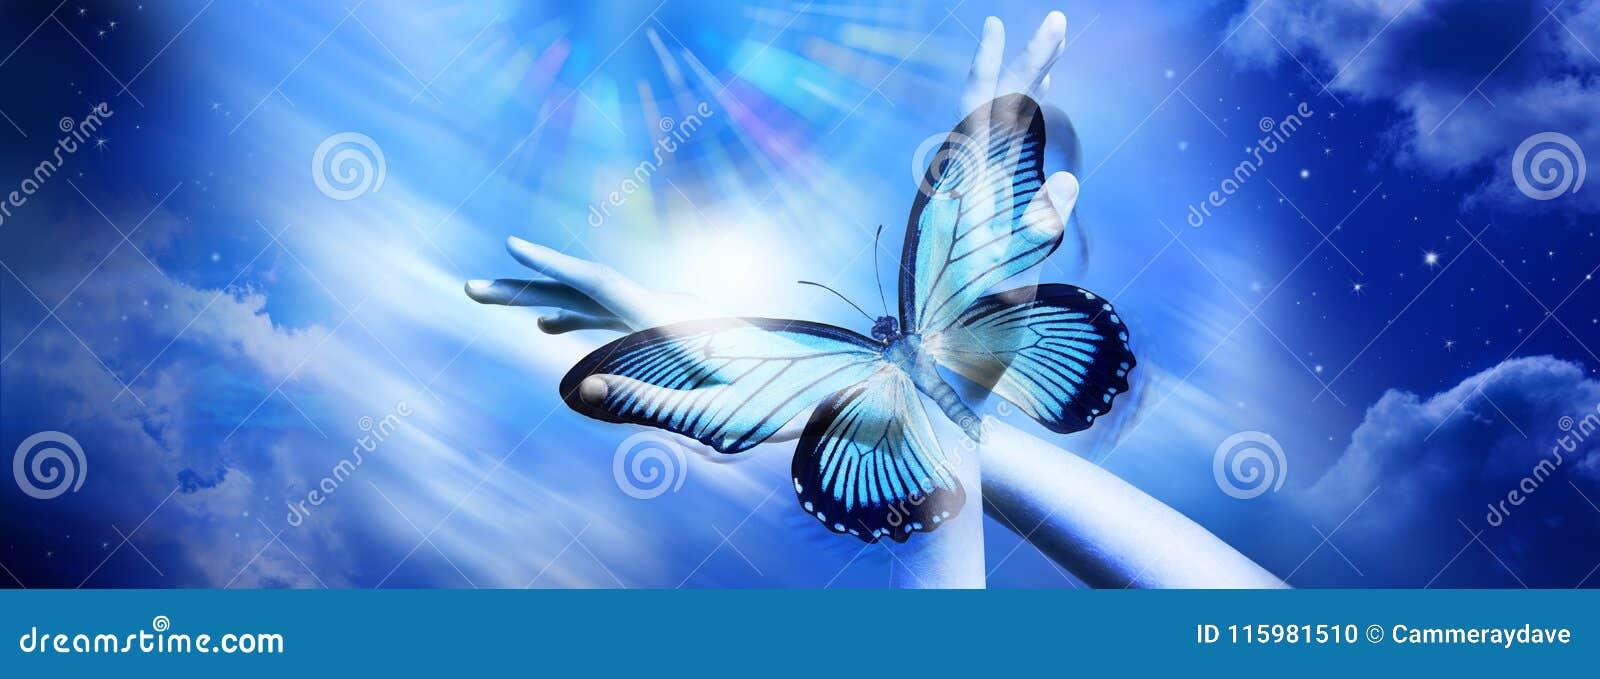 Propósito del amor de la esperanza de la espiritualidad de la búsqueda